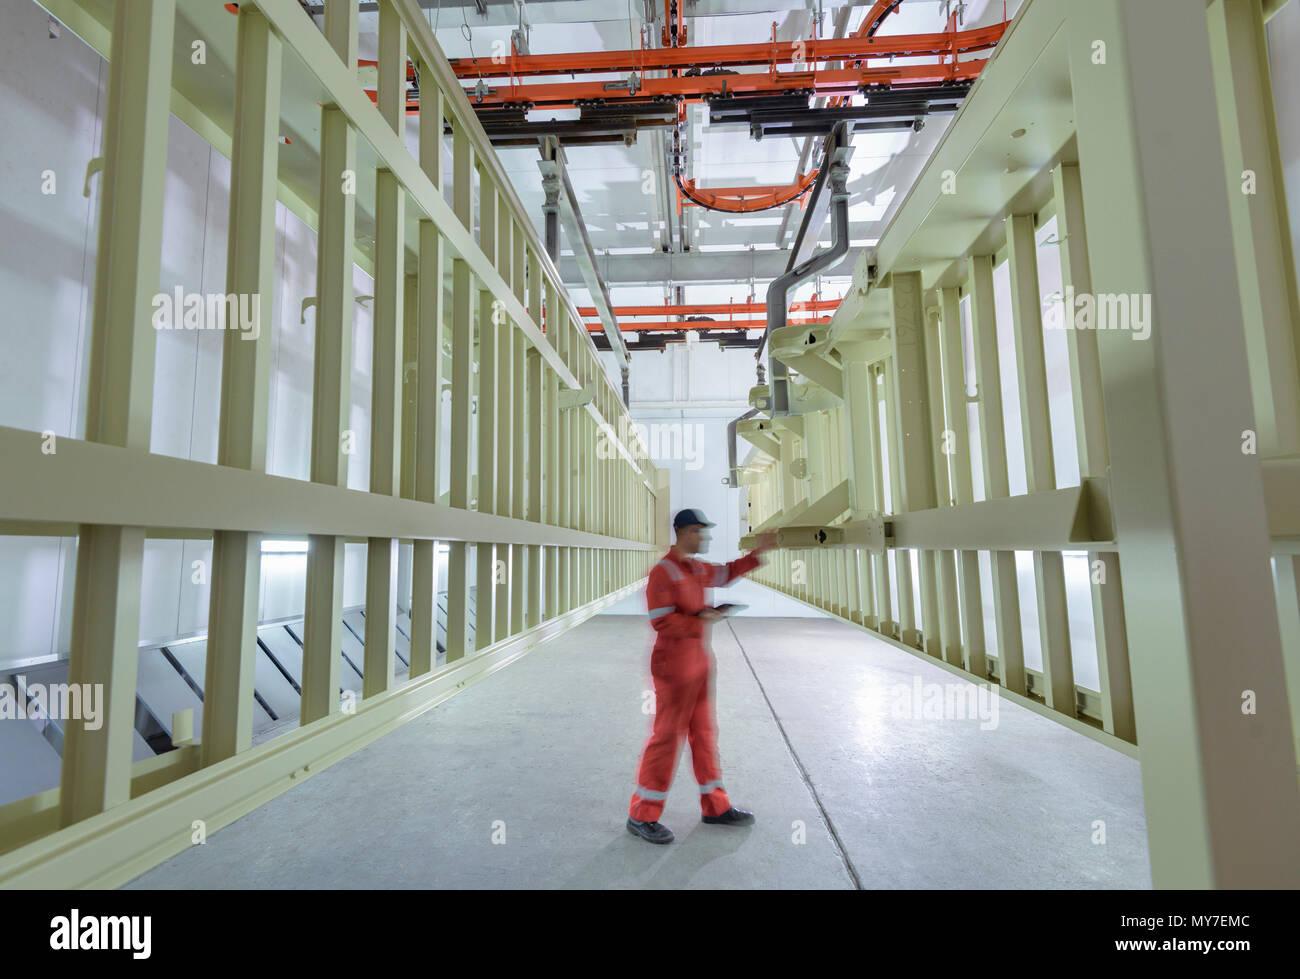 Lavoratore ispezione telaio verniciato in camera di essiccazione in fabbrica del rimorchio Immagini Stock